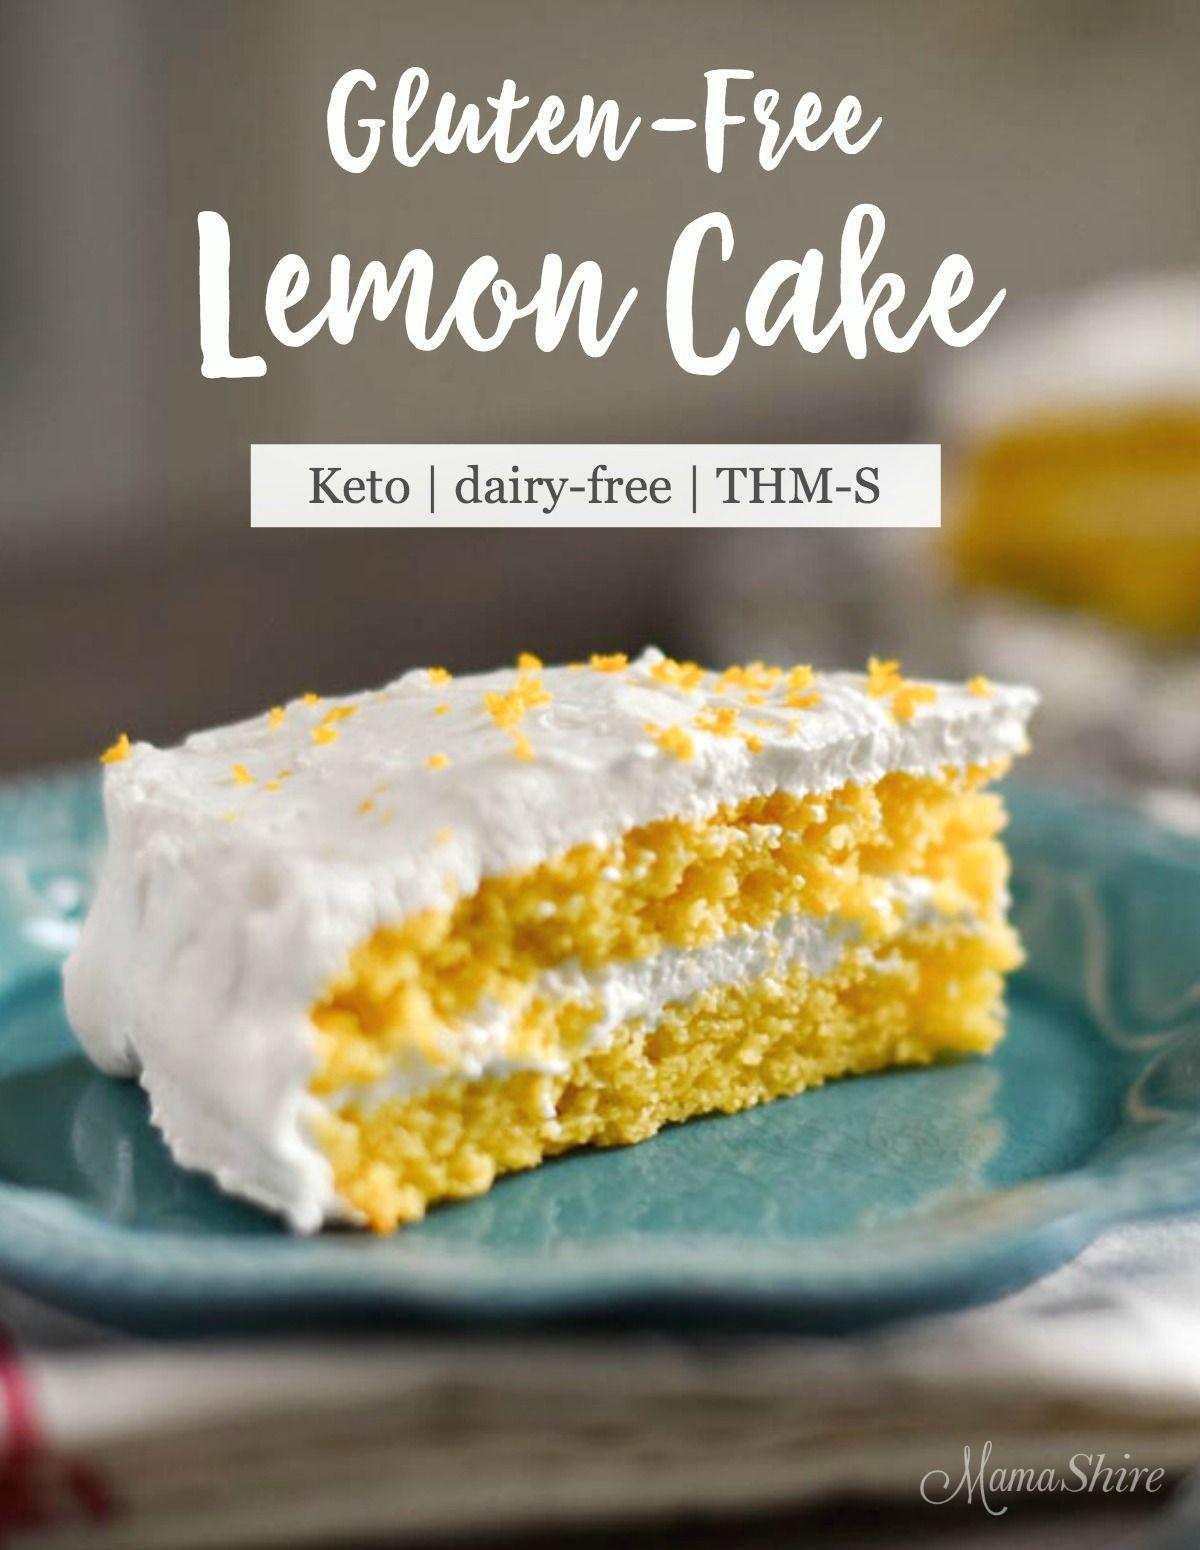 Gluten Free Lemon Cake With Lemon Frosting Mamashire Recipe Gluten Free Lemon Cake Lemon Frosting Recipes Gluten Free Lemon